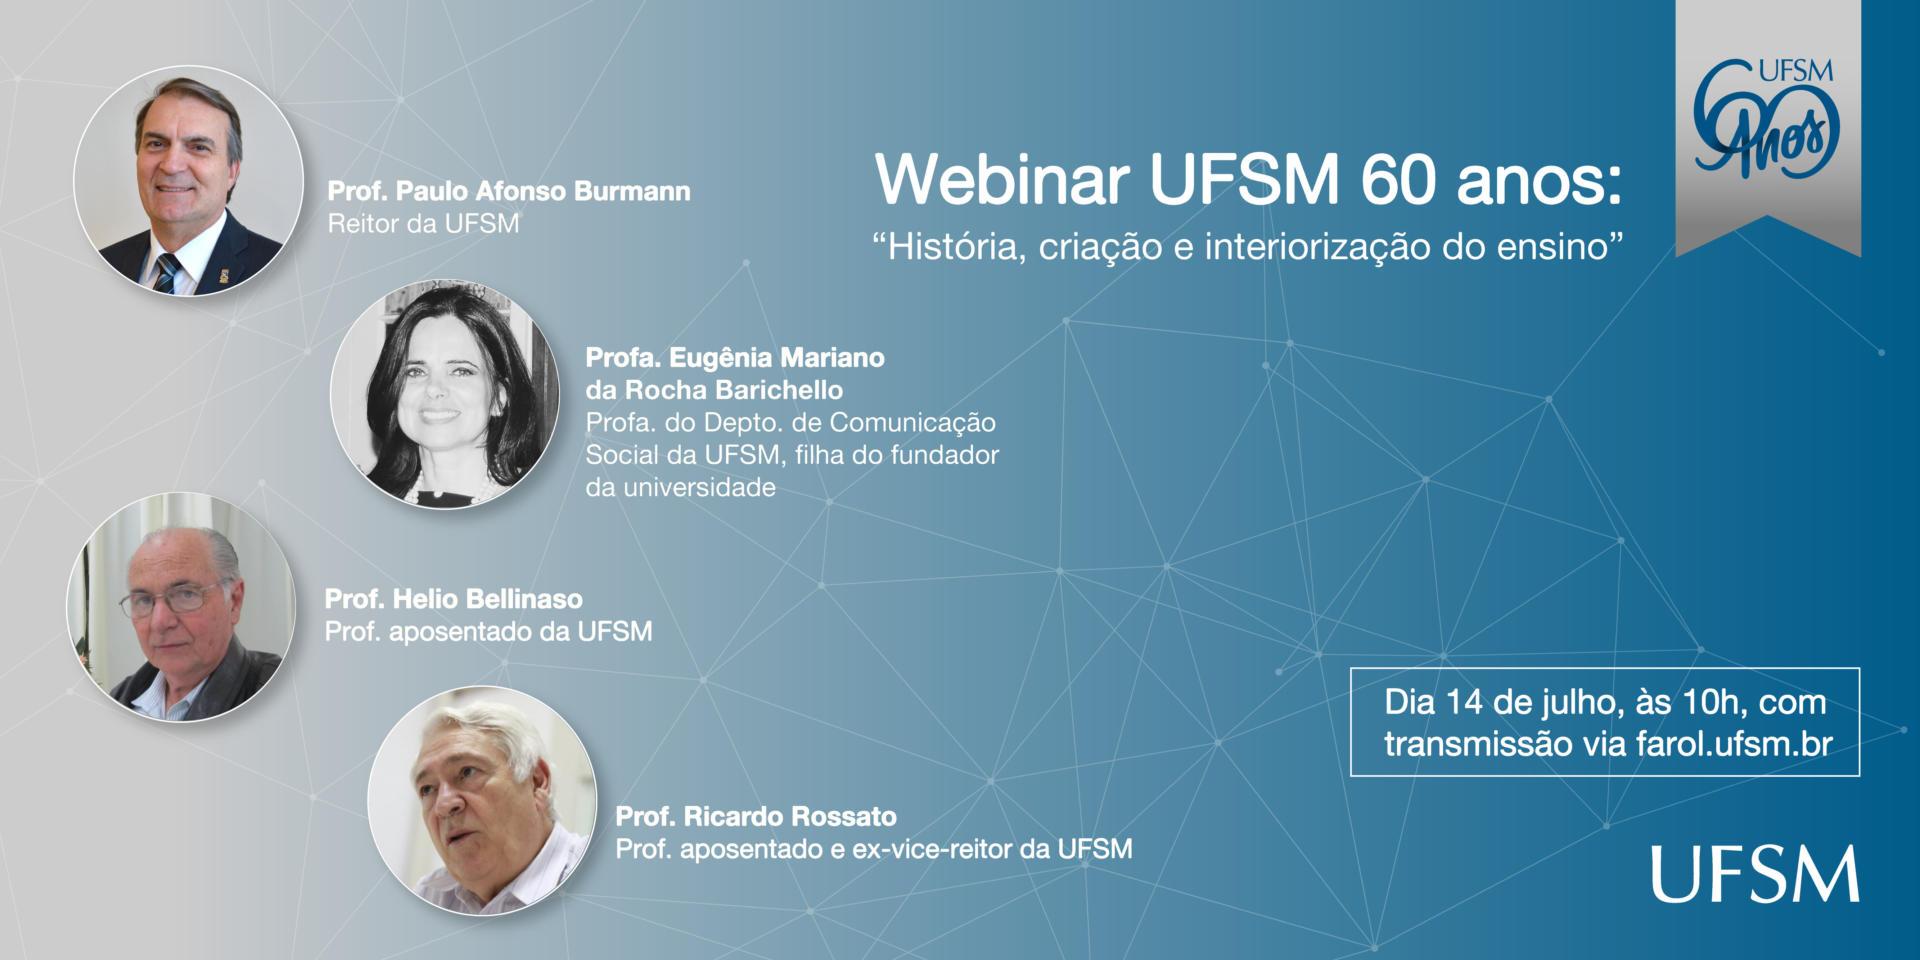 Webinar UFSM 60 anos: criação, história e interiorização do ensino